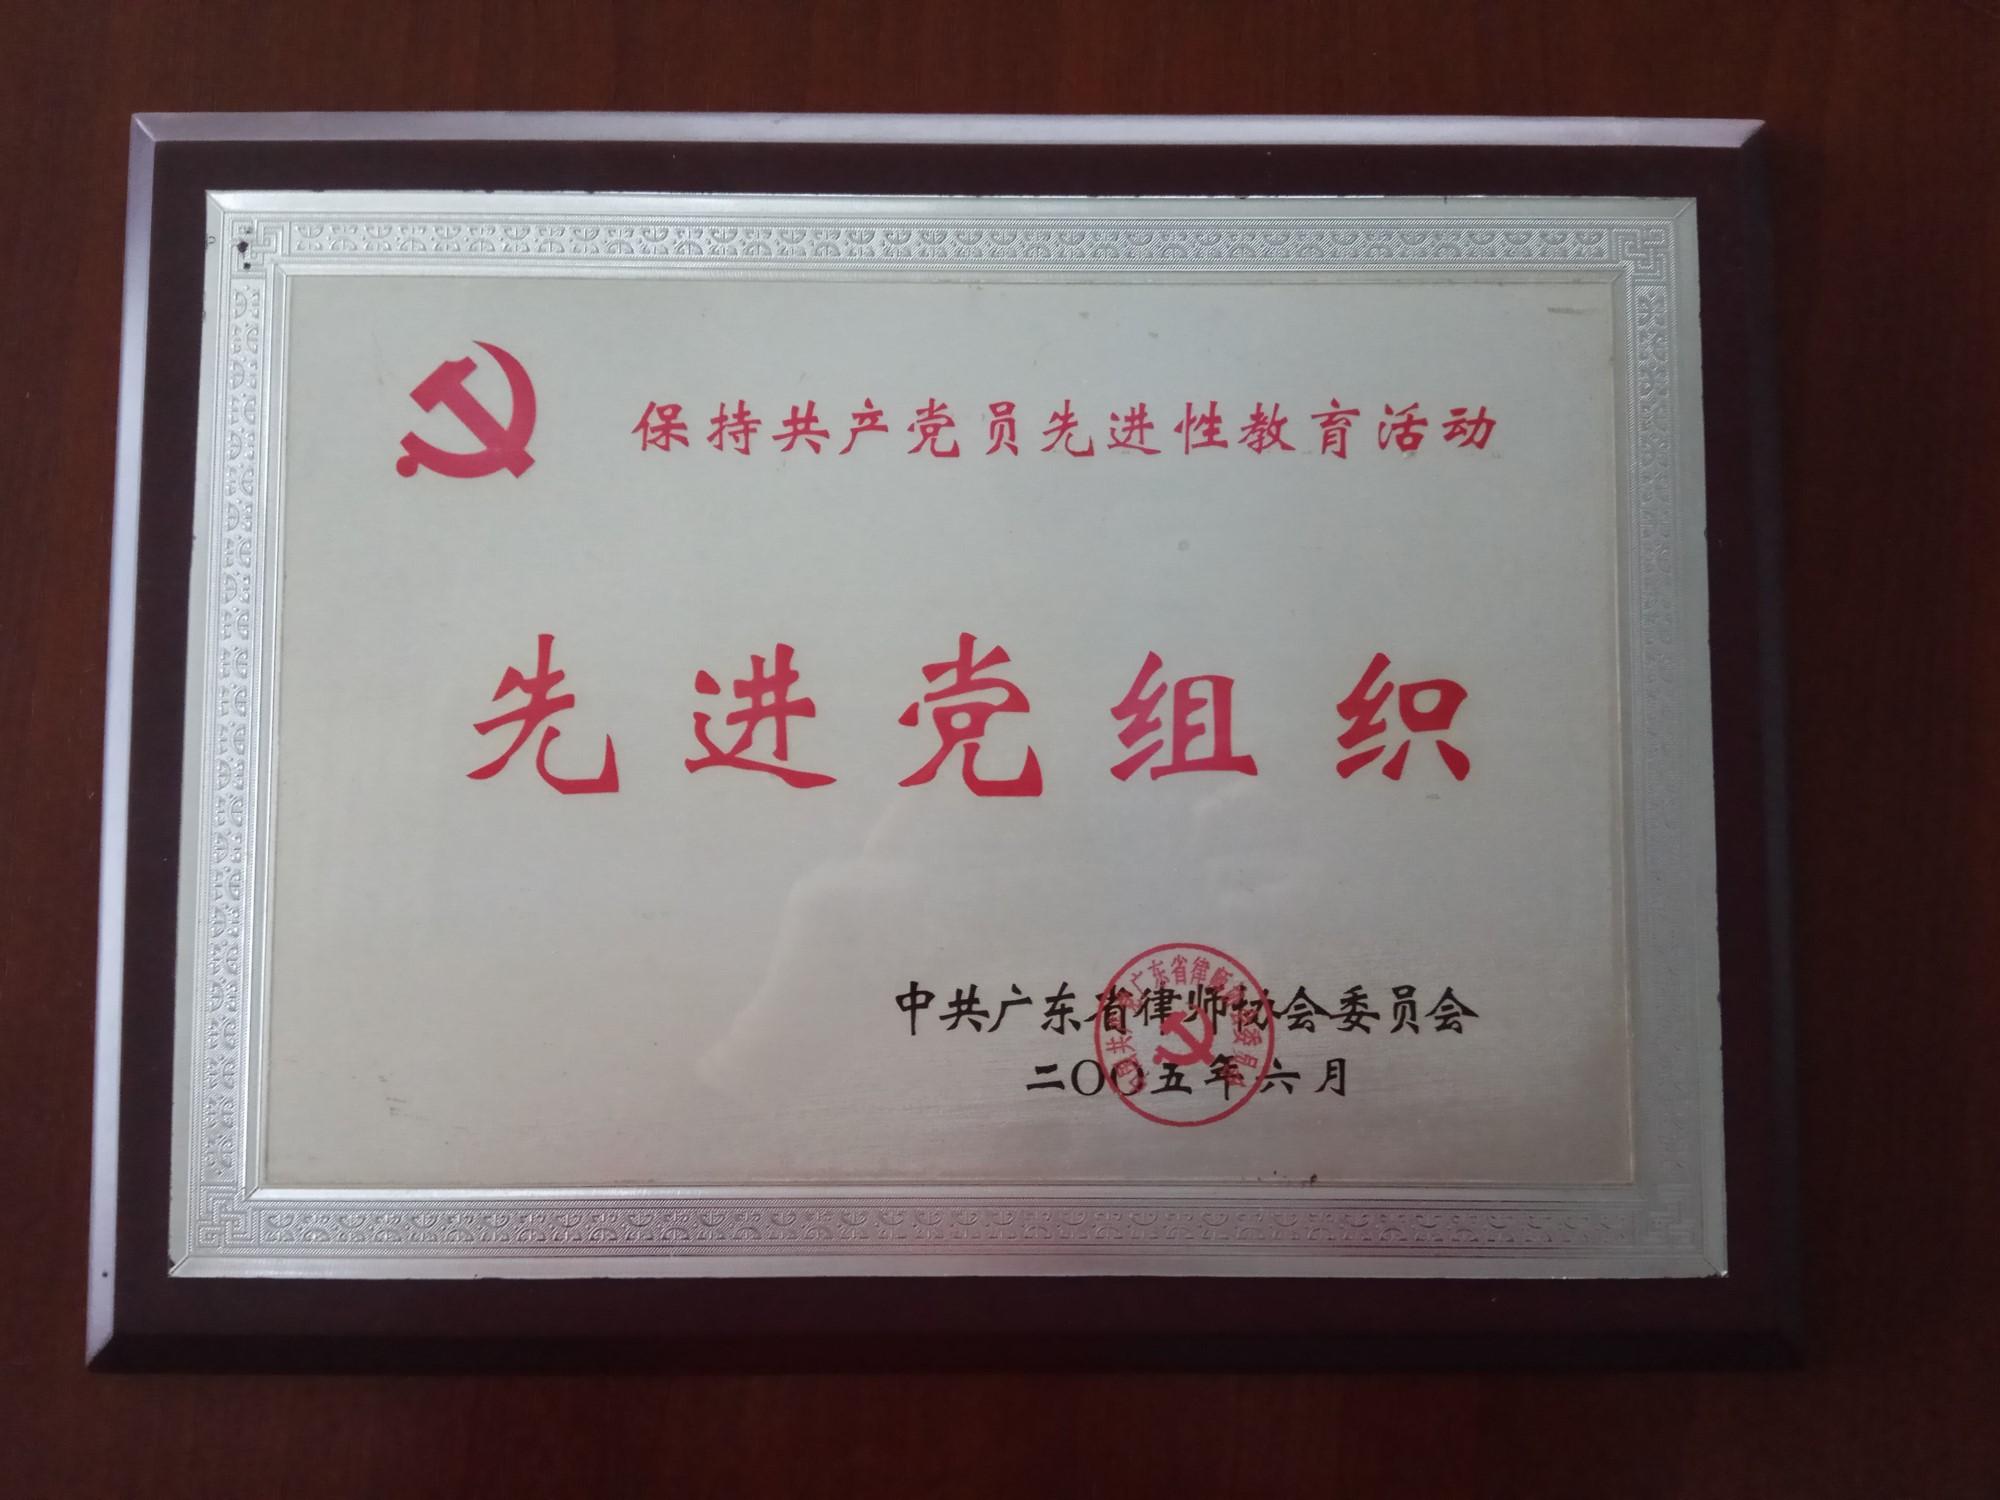 2005保持党员先进性教育活动先进党组织